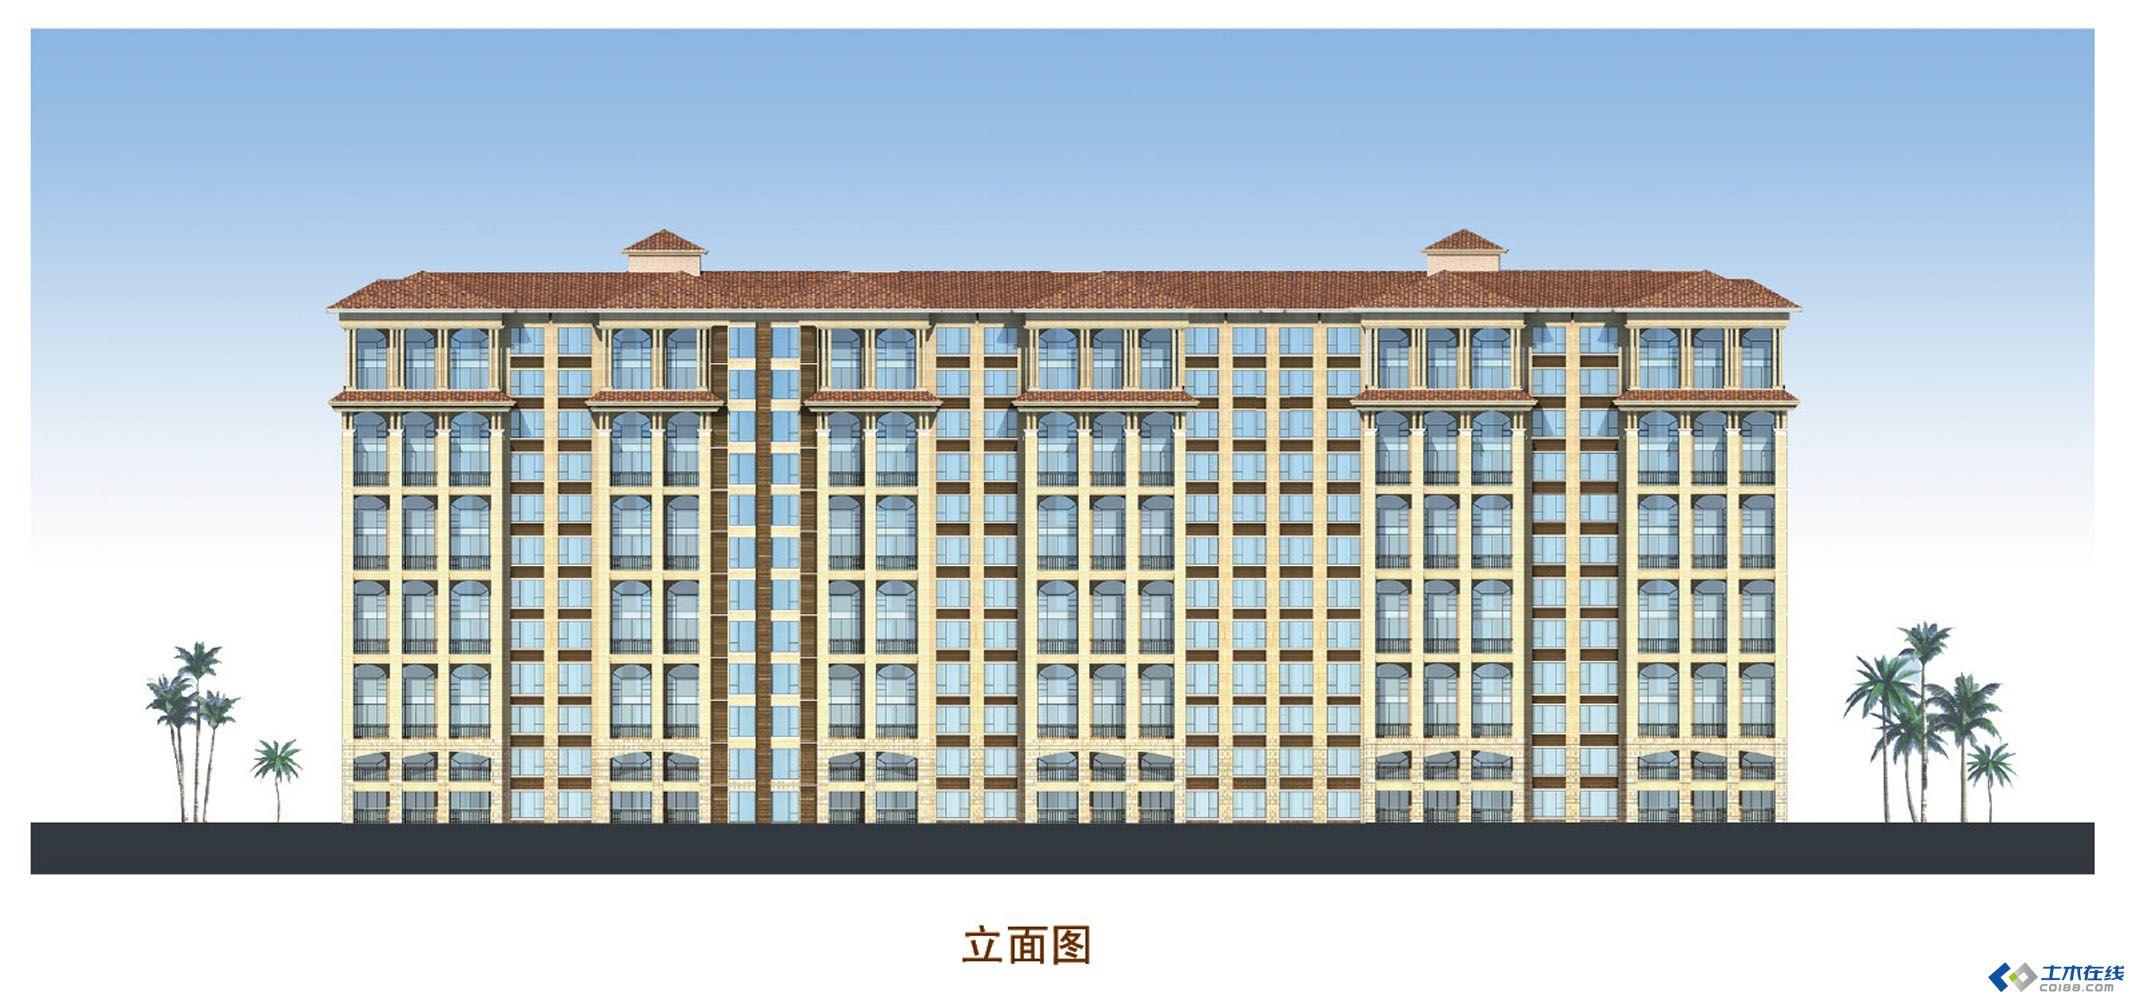 小高层住宅立面图.jpg 高清图片